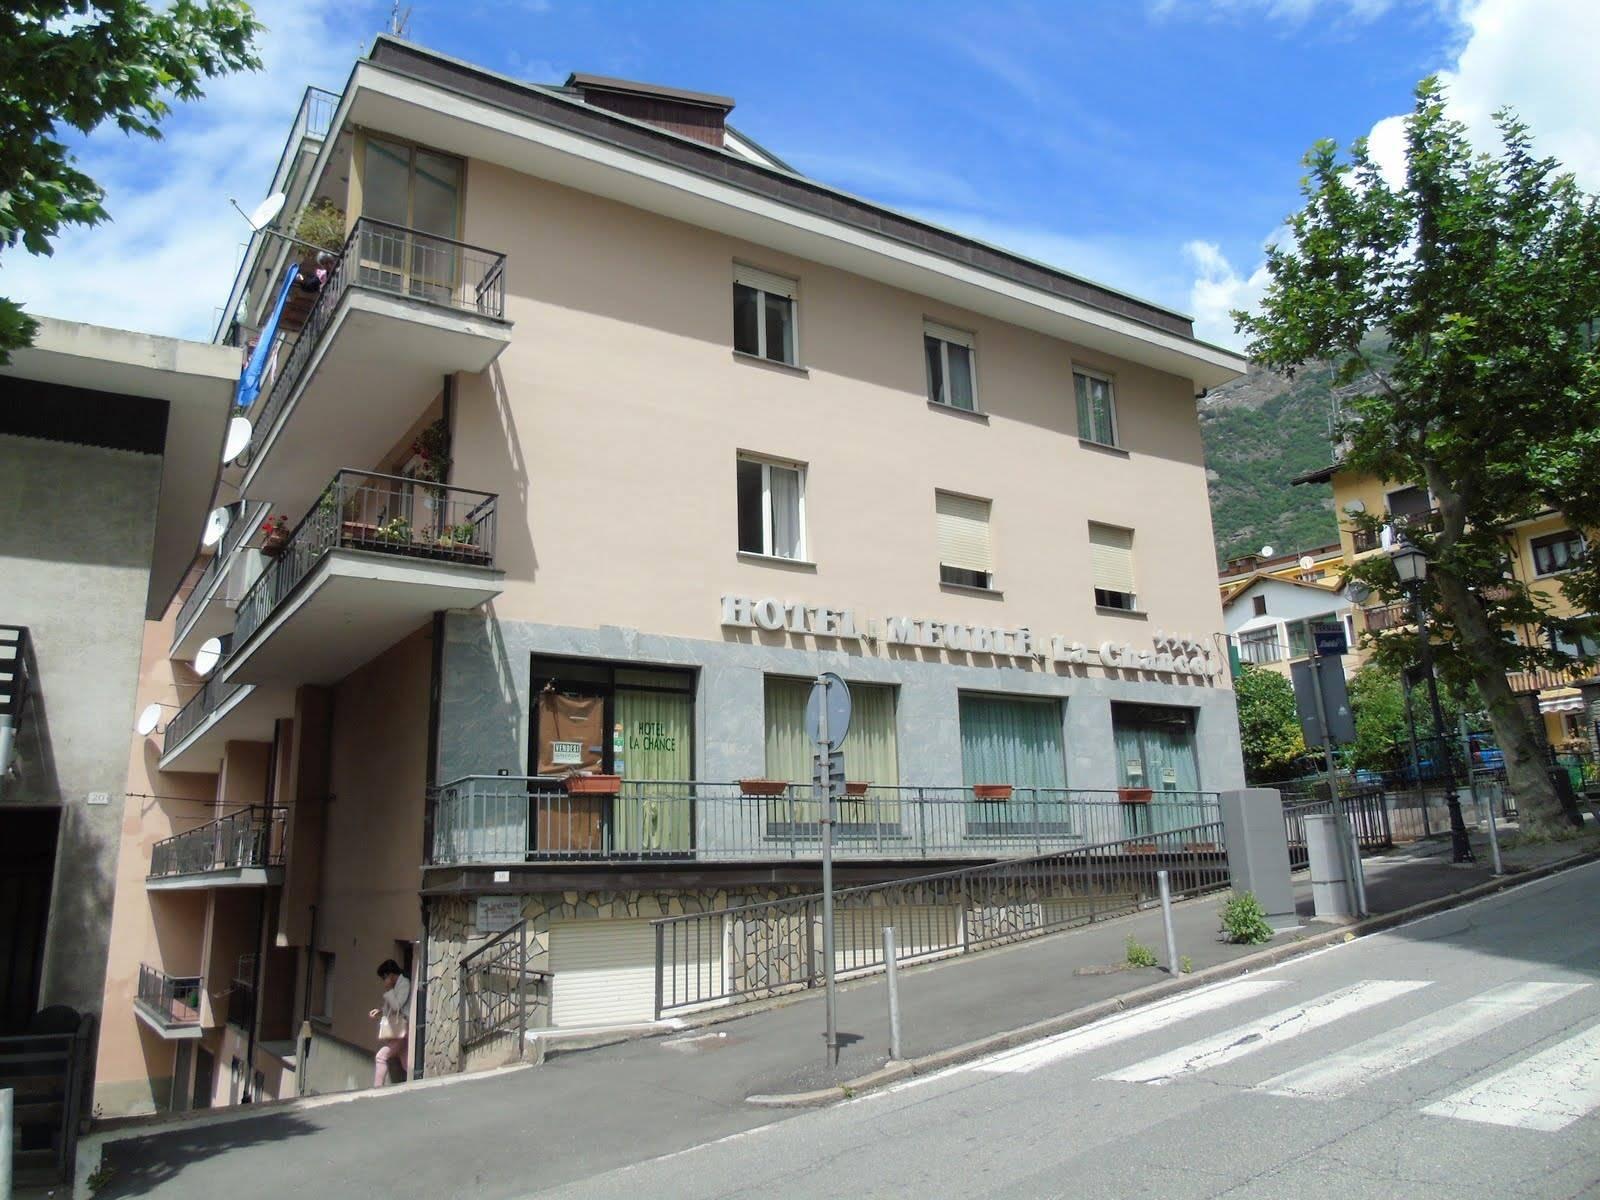 Appartamento in vendita a Saint-Vincent, 4 locali, prezzo € 120.000 | CambioCasa.it